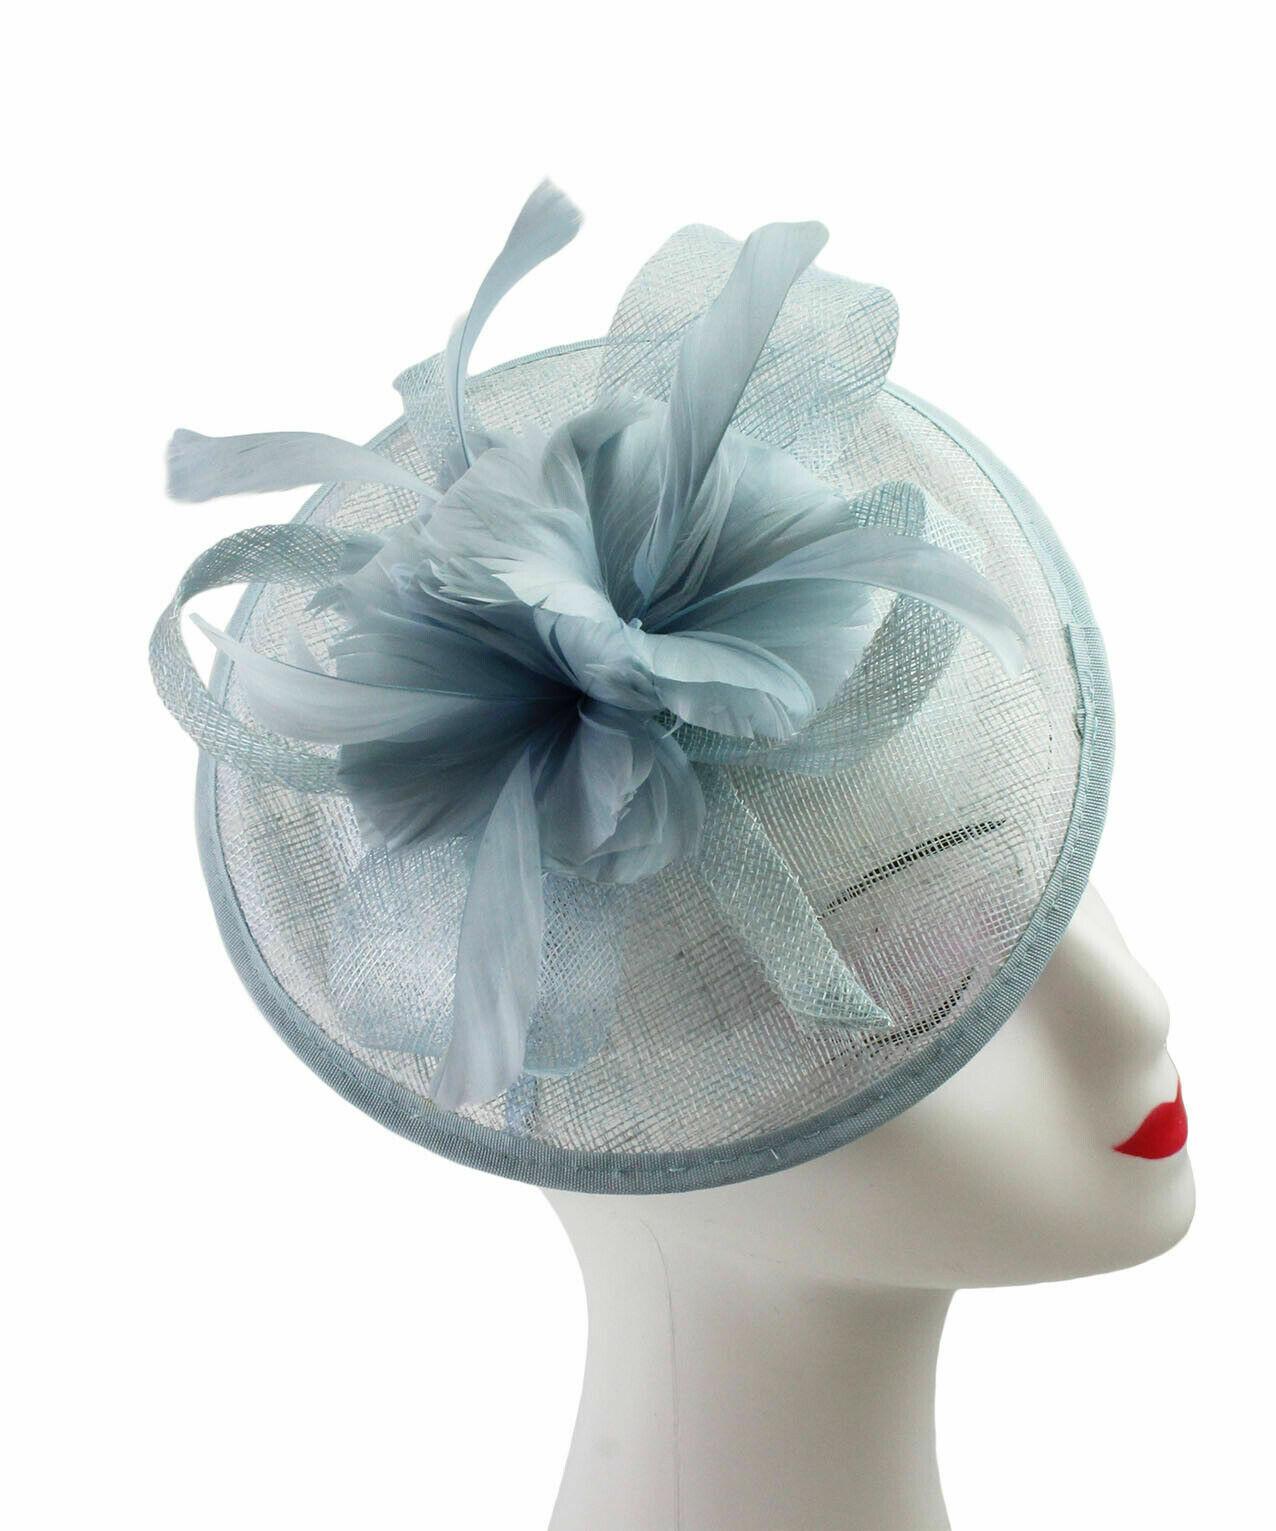 GRANDE Fiore Fascia Per Capelli Cappello Fascinator Con Piuma Matrimoni giorno razza Royal Ascot